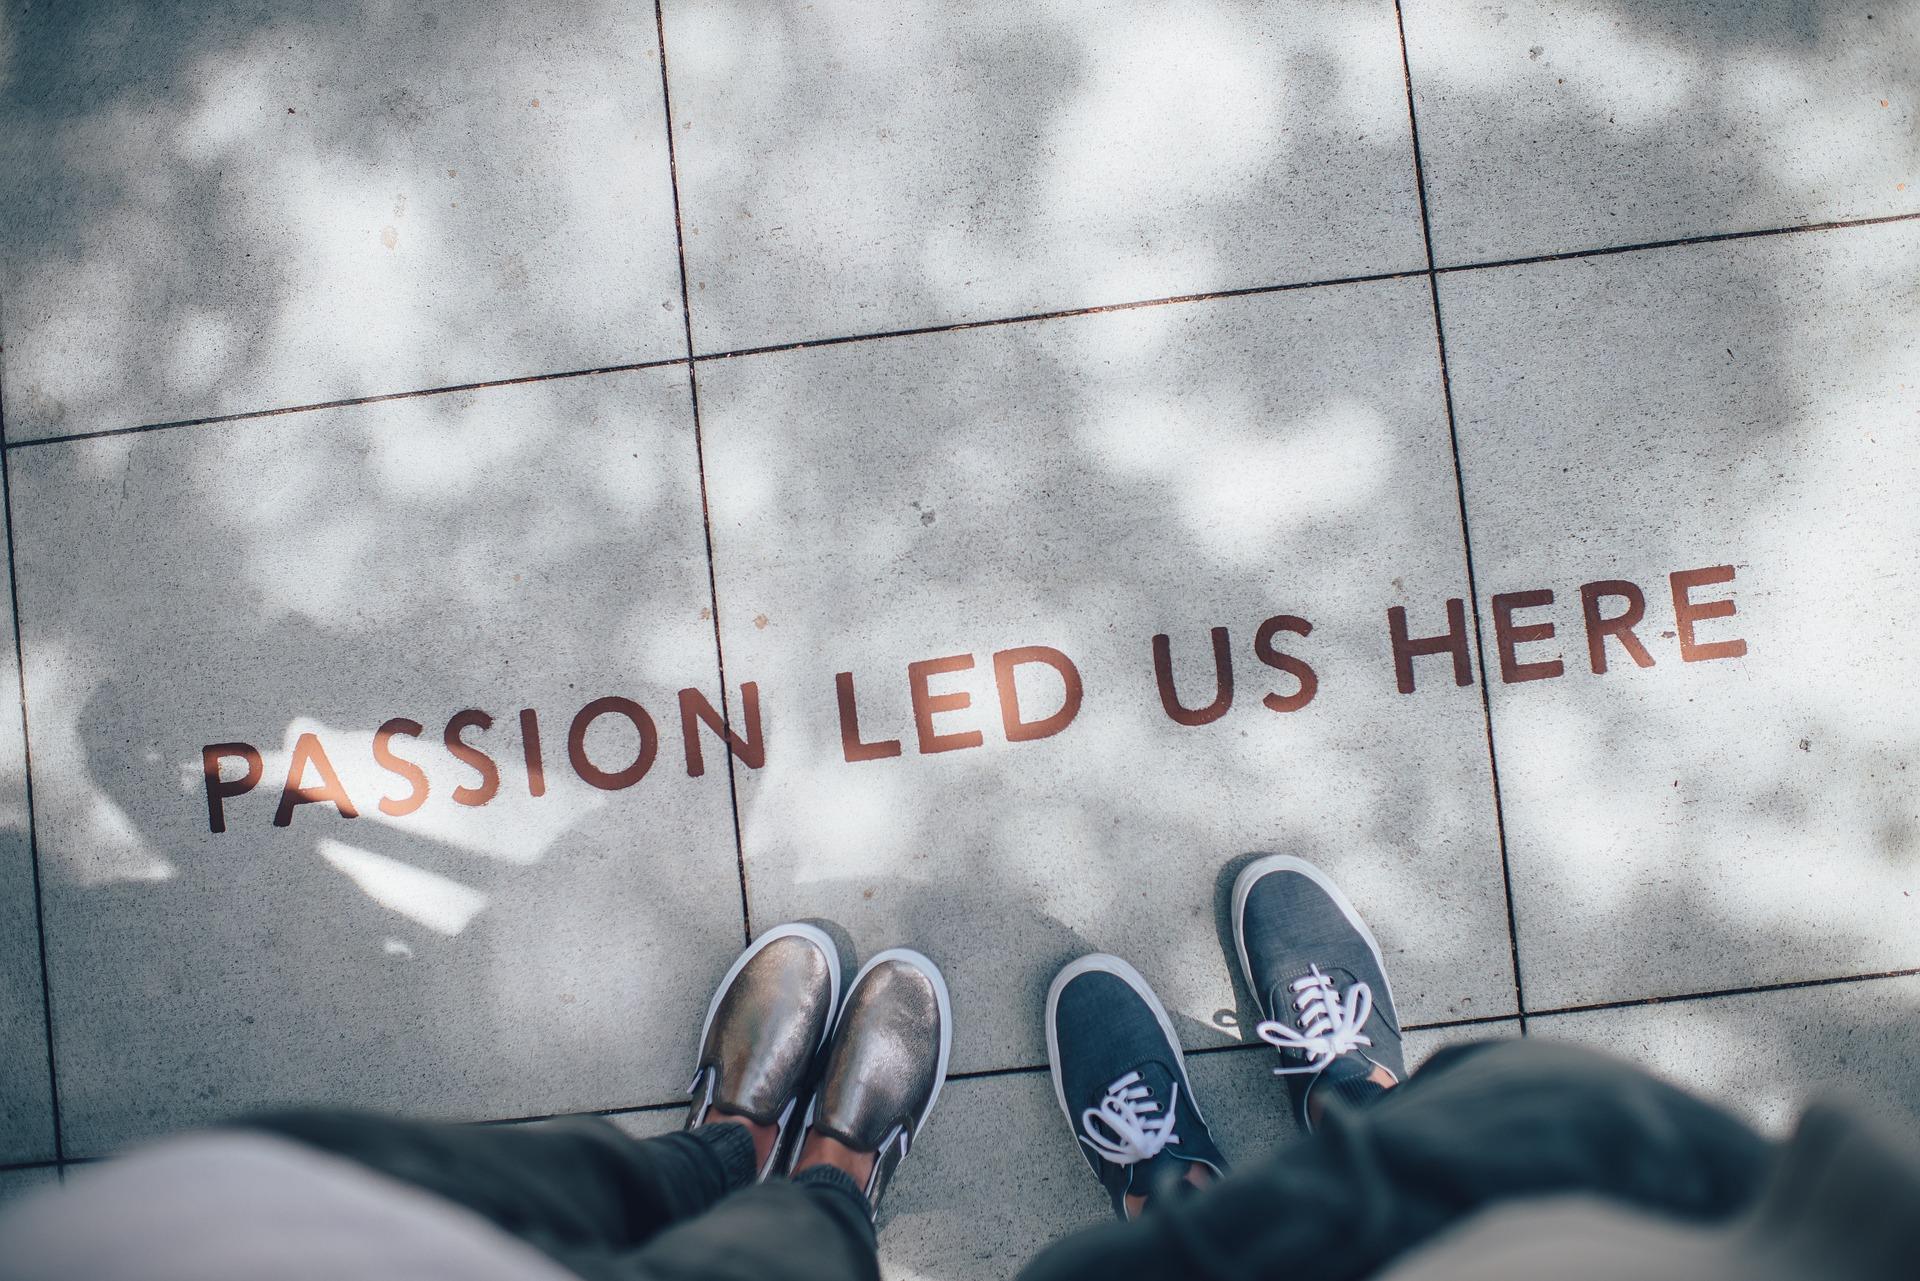 Manage je brein, dan komt de passie vanzelf